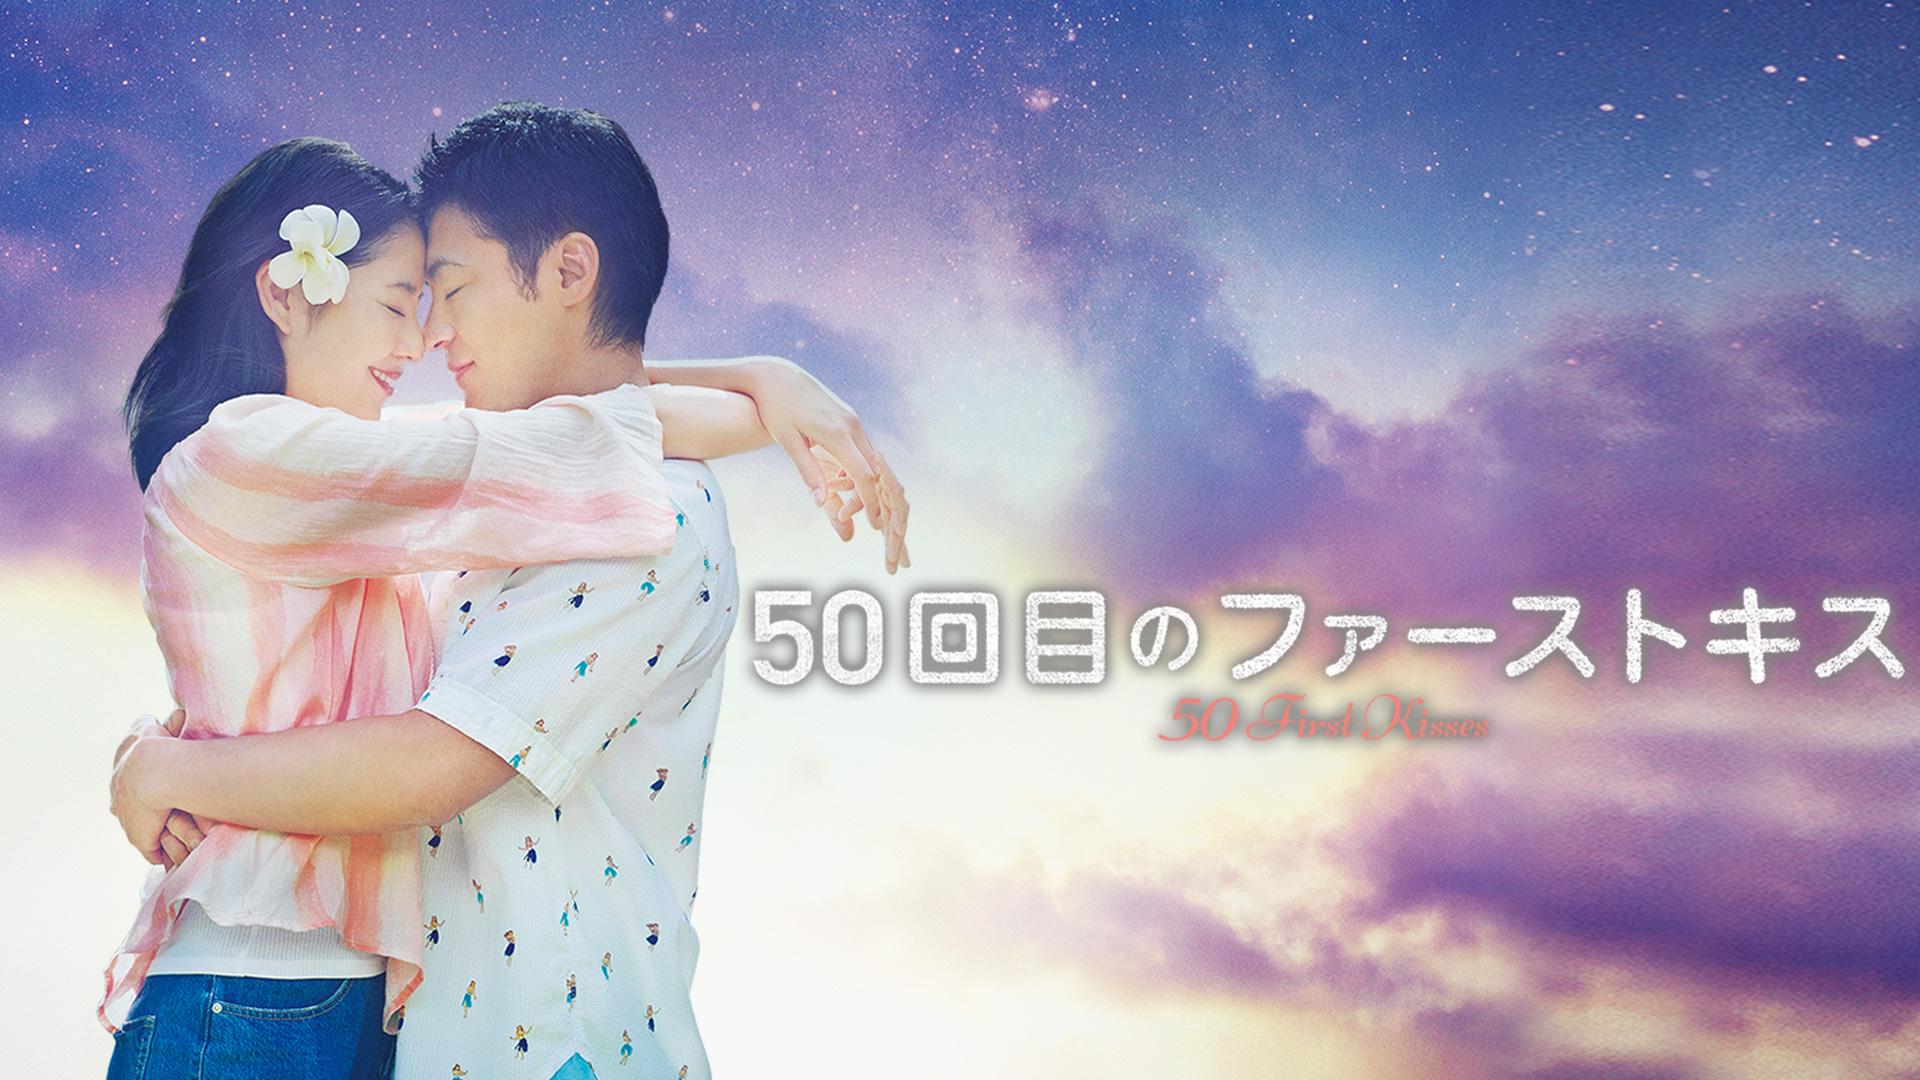 【先行配信】50回目のファーストキス